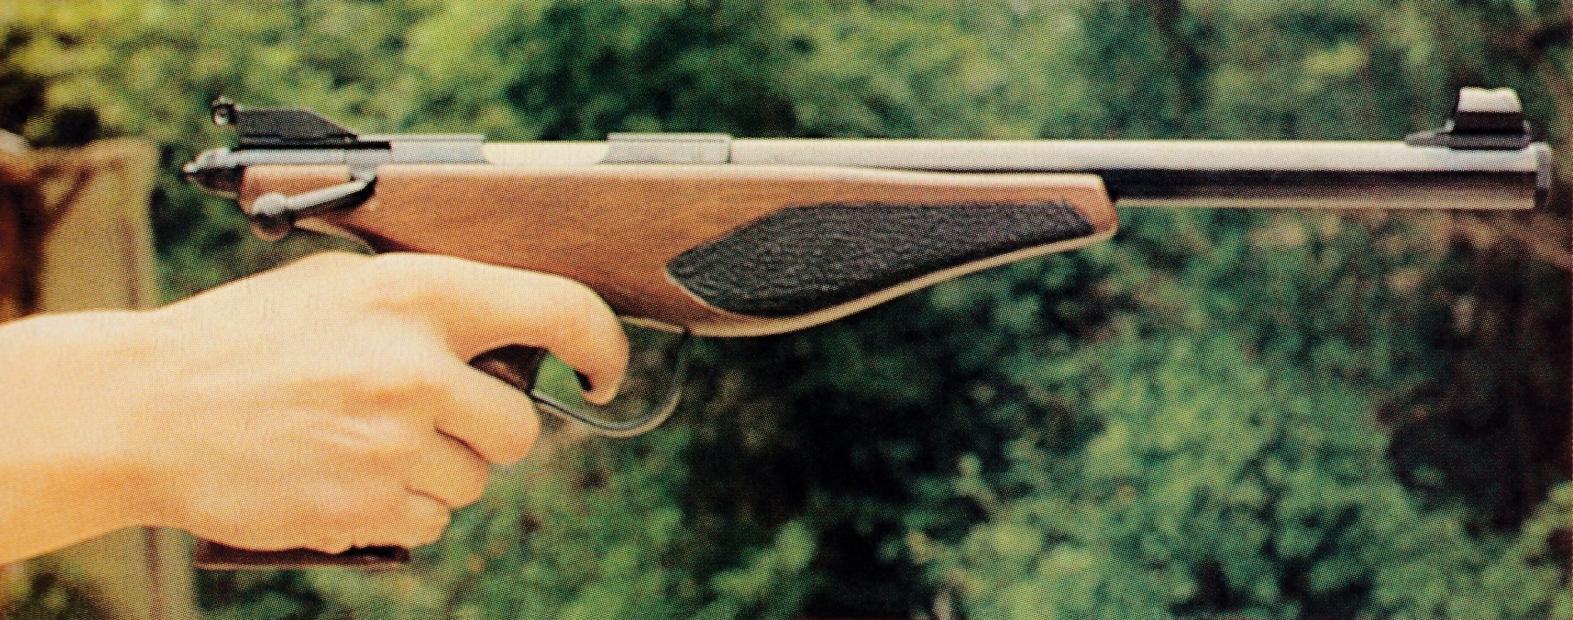 Le pistolet Phantom reste suffisamment léger pour permettre le tir à bras franc.